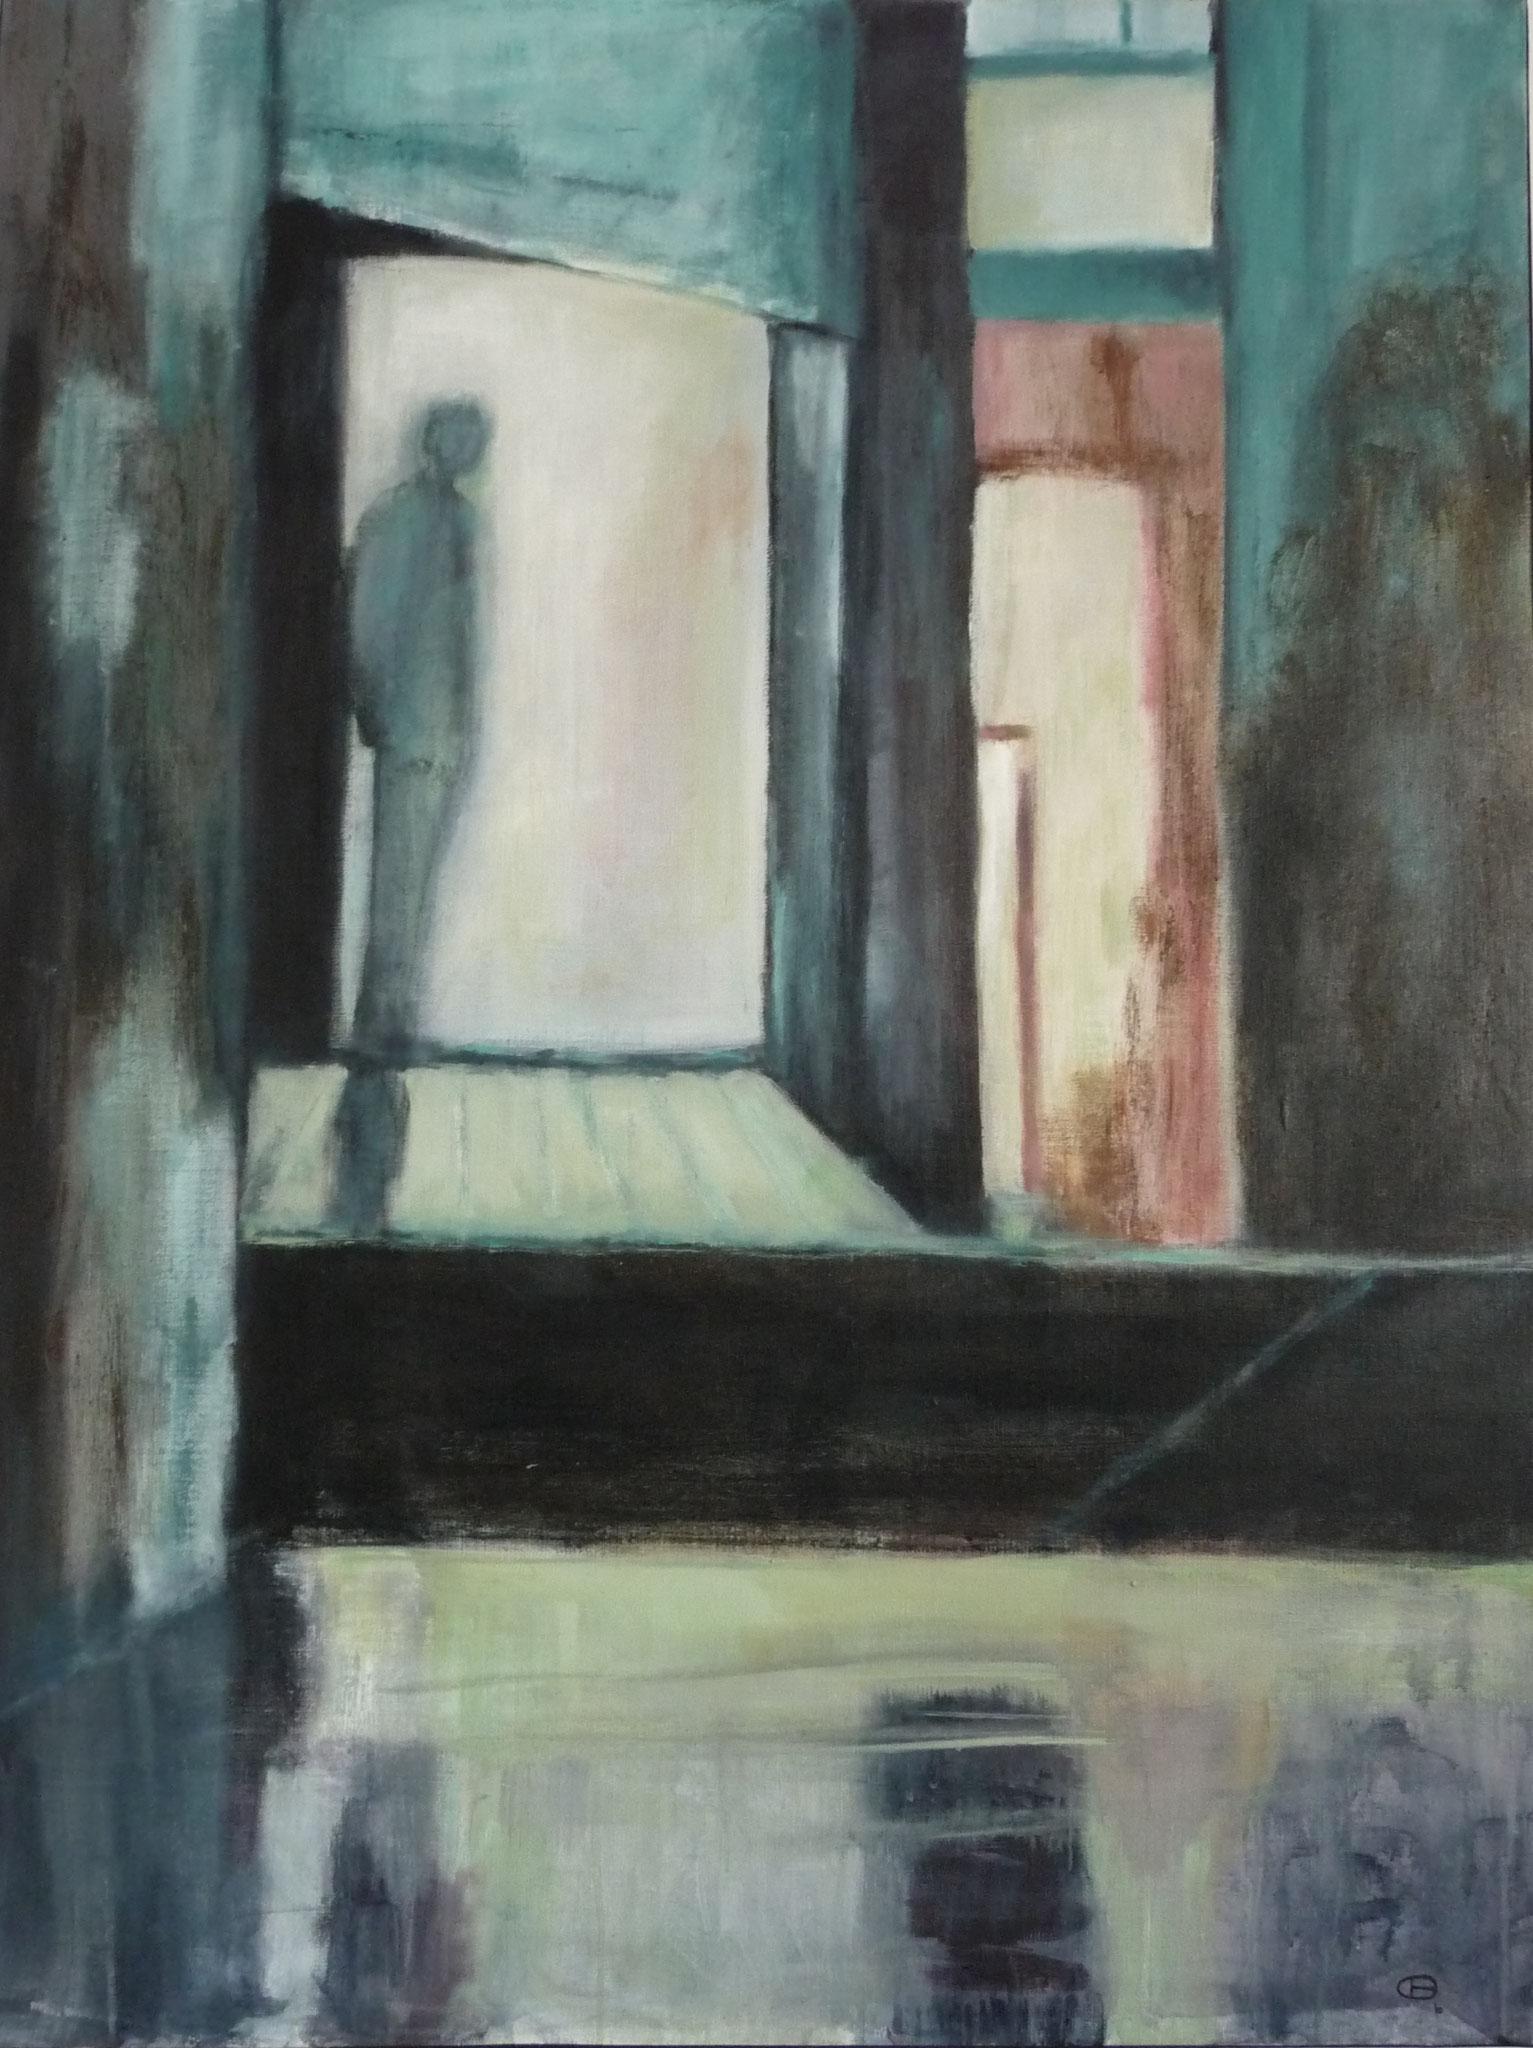 Le passage - Hommage à Tarkovsky   ---   2010 - Acrylique sur toile - 100 x 75 cm